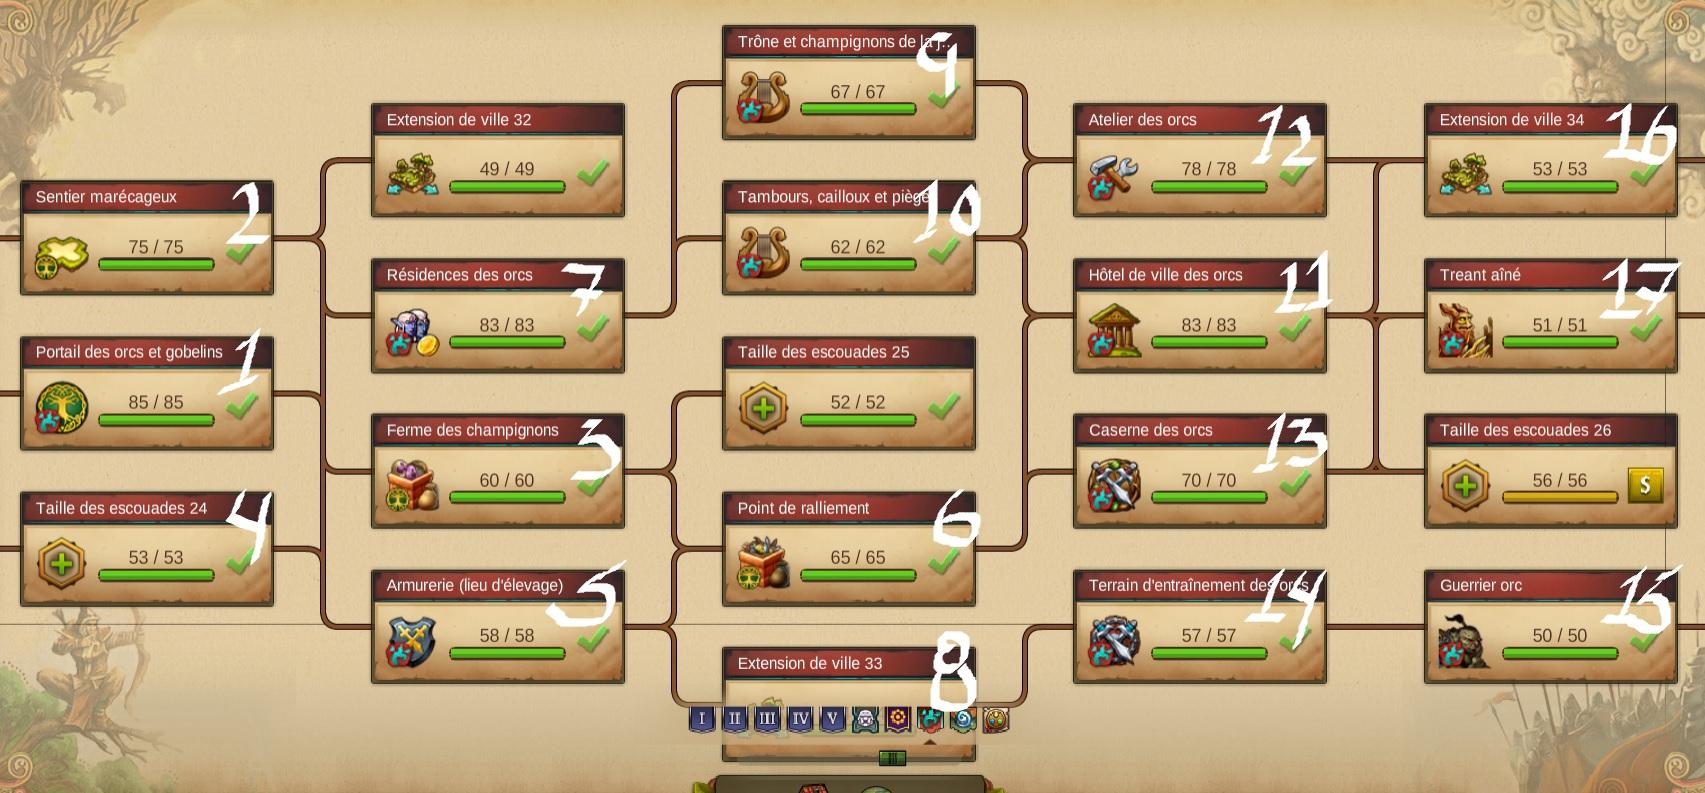 Plan de match pour l'ère des Orcs - version elfes.jpg